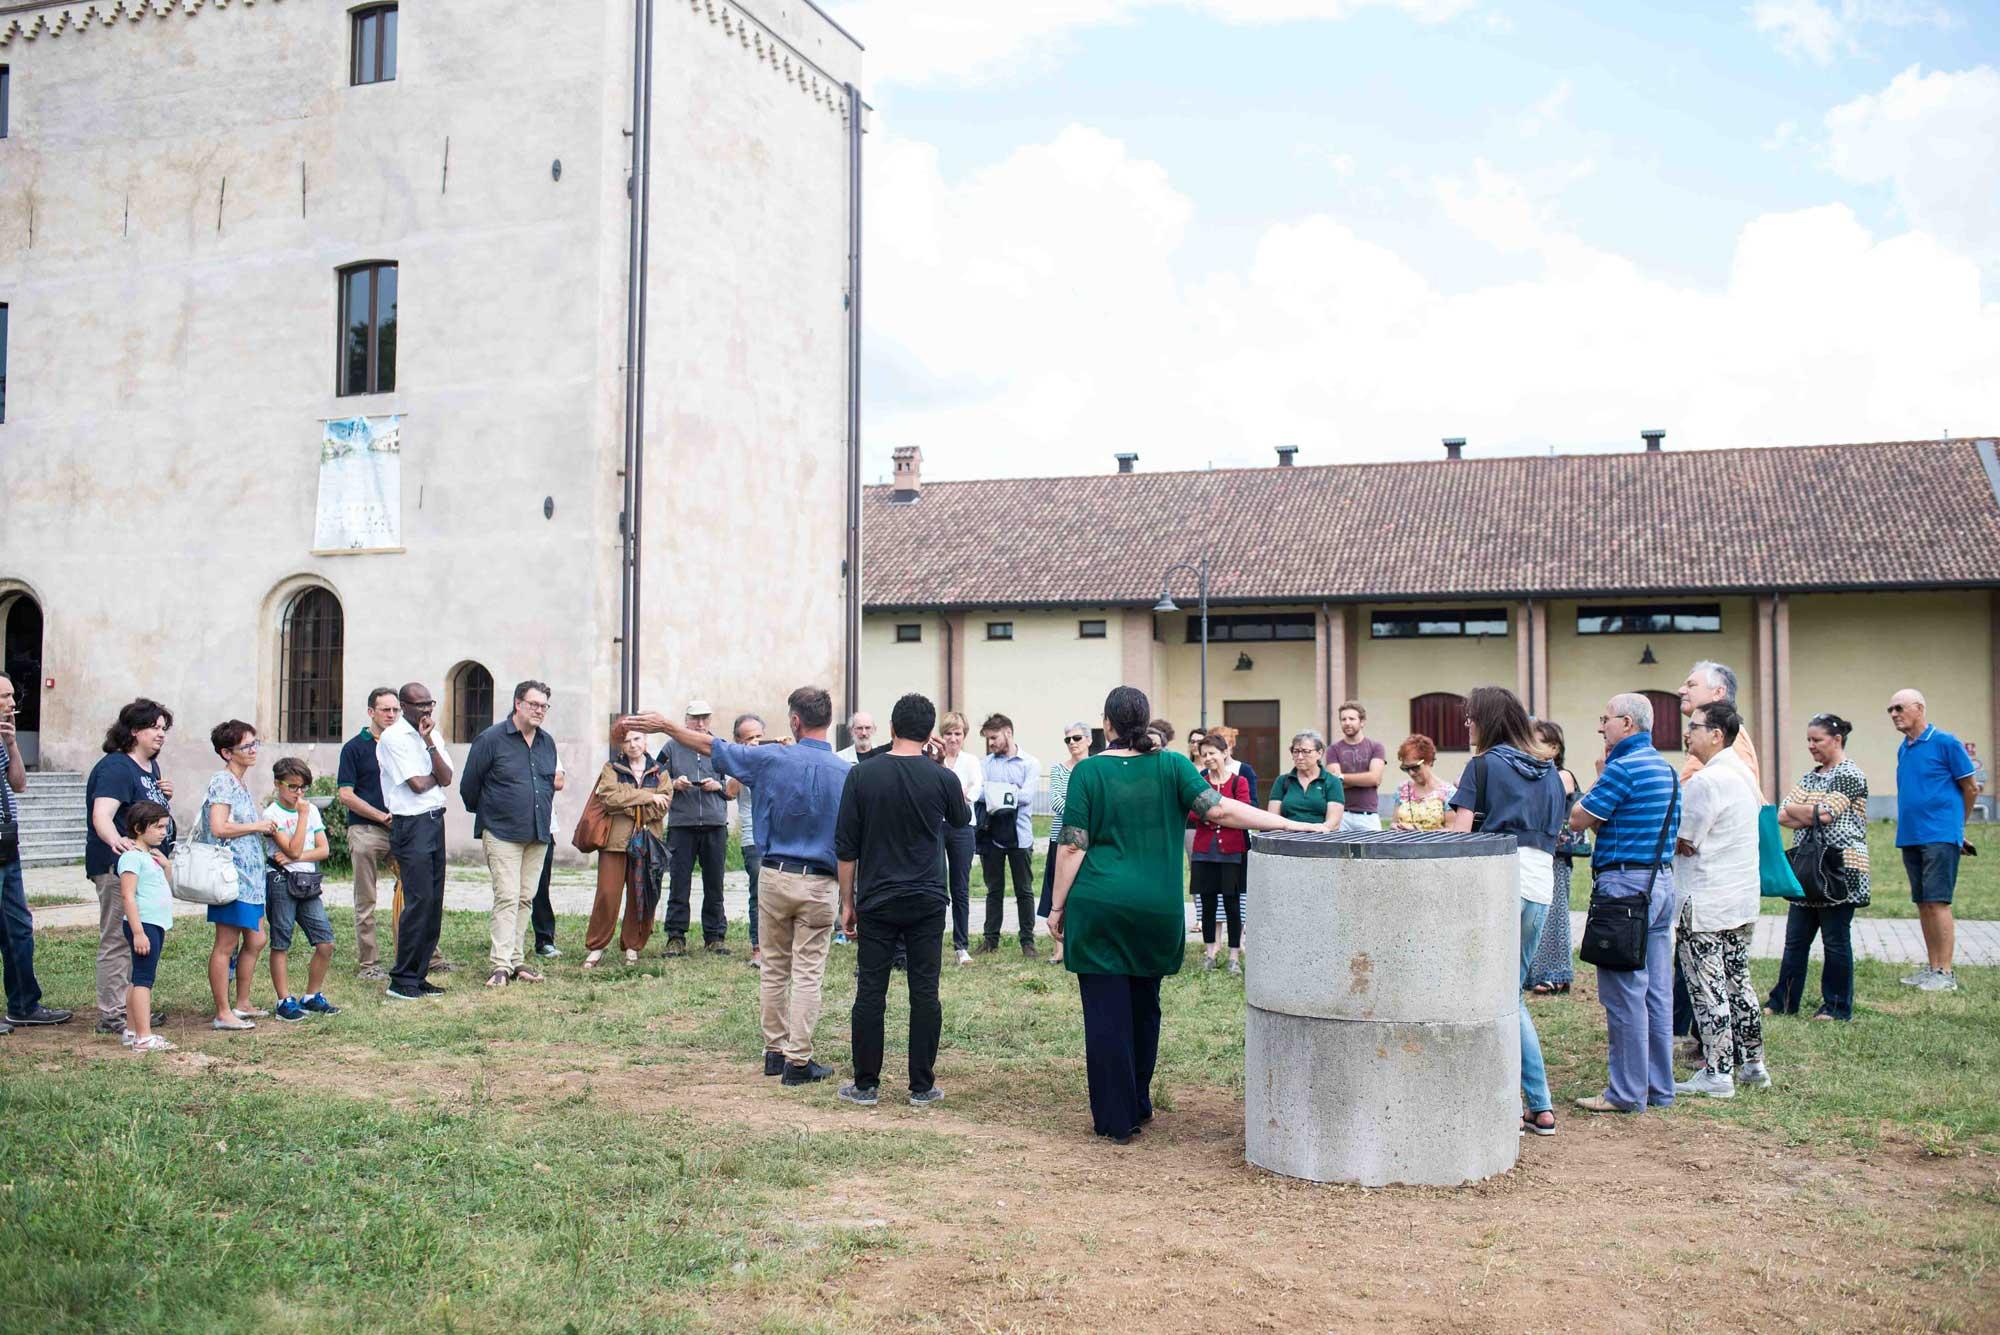 gruppo di persone ascolta guida dell'evento